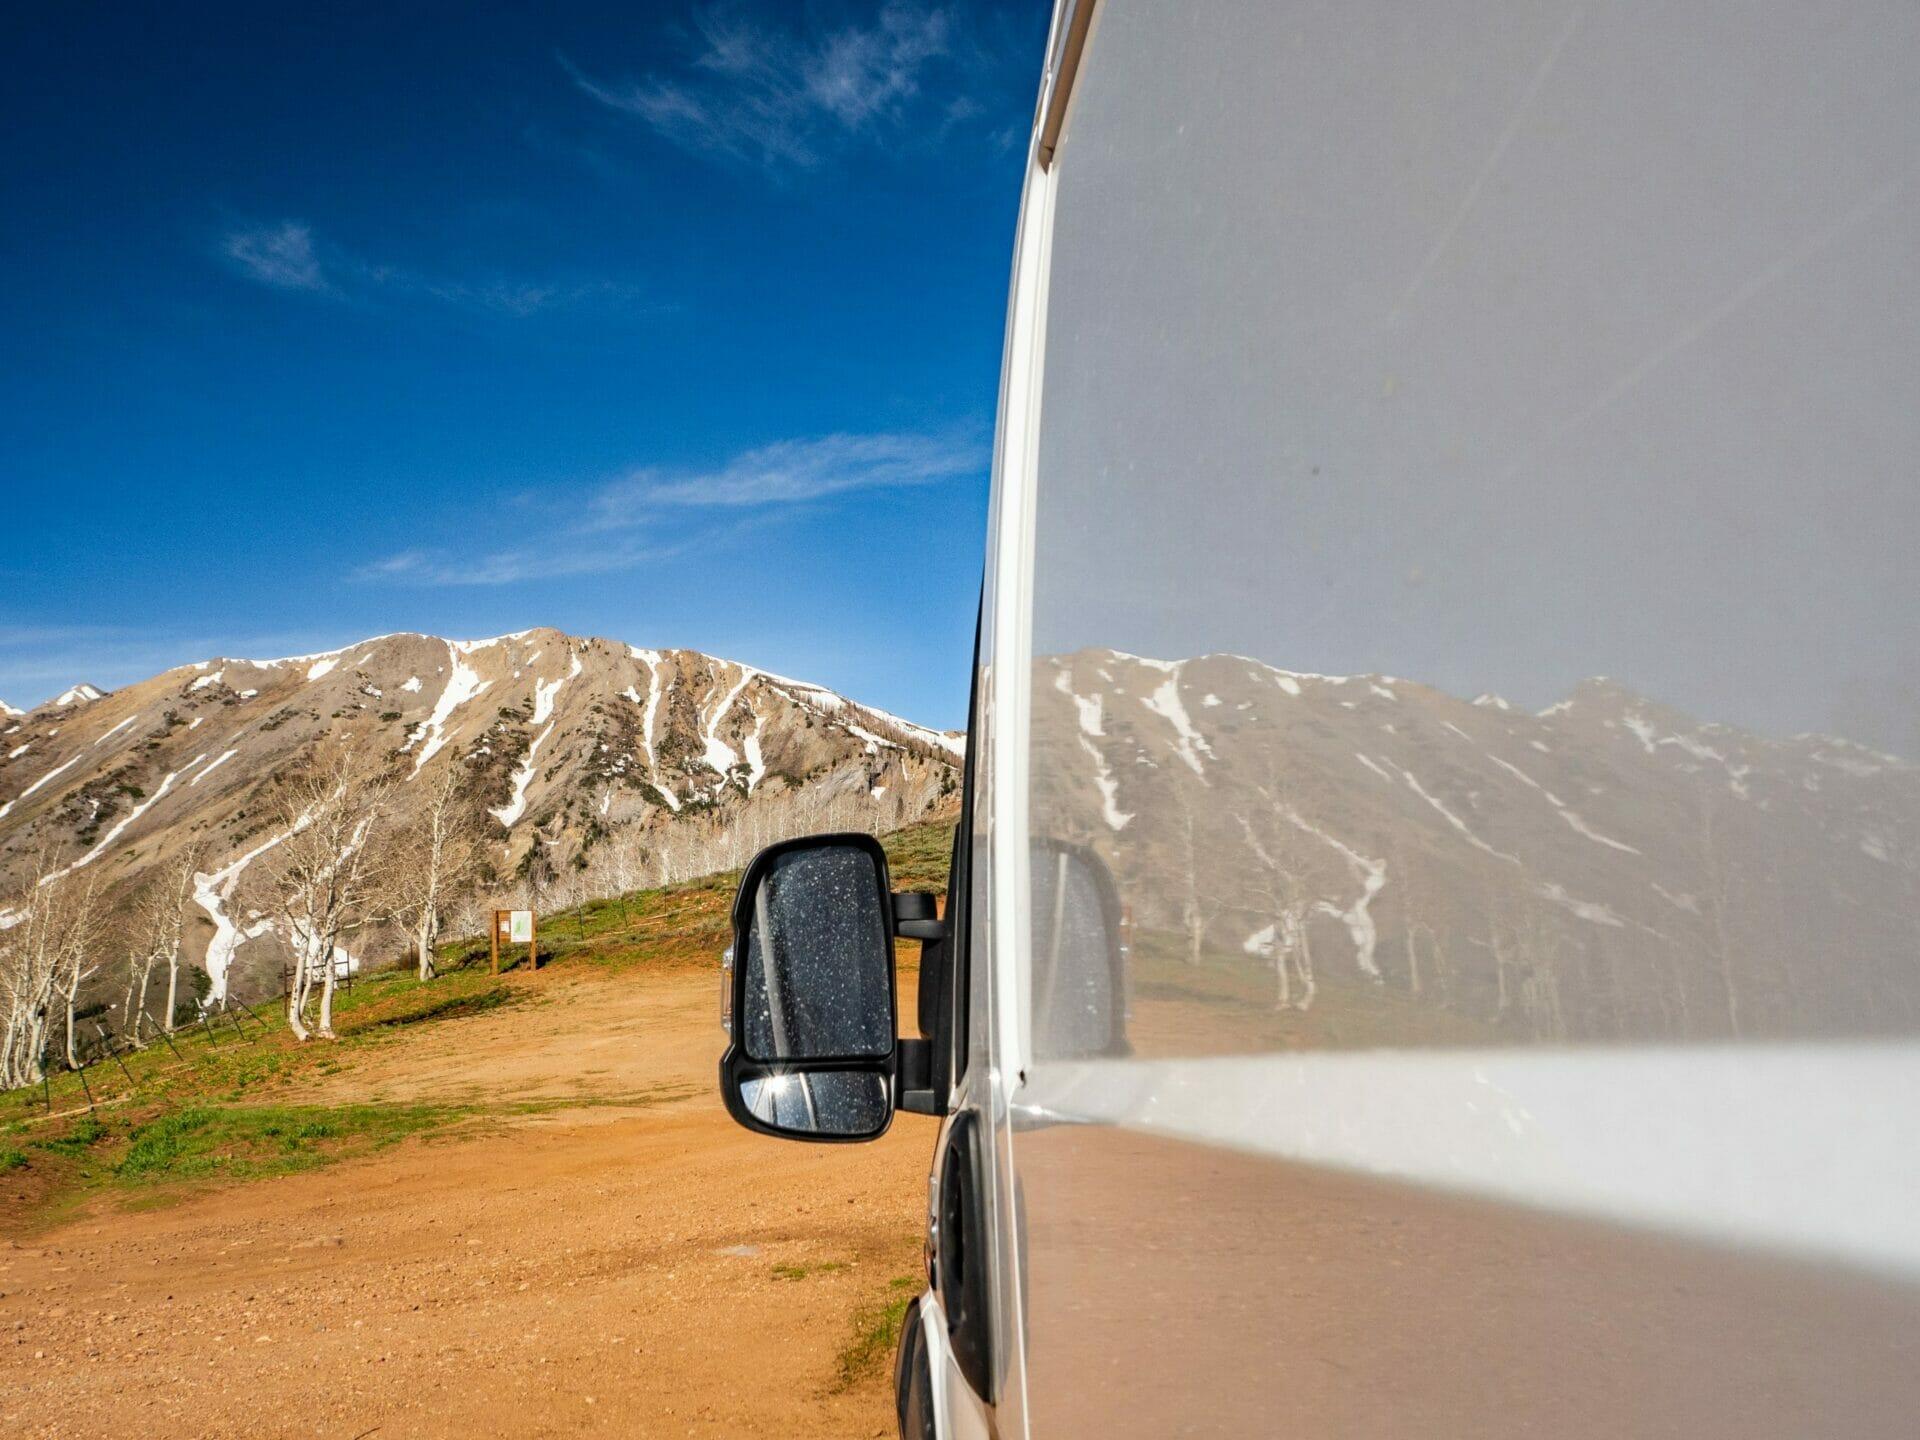 Mt Nebo summit hike Salt Lake City Wasatch Mountains